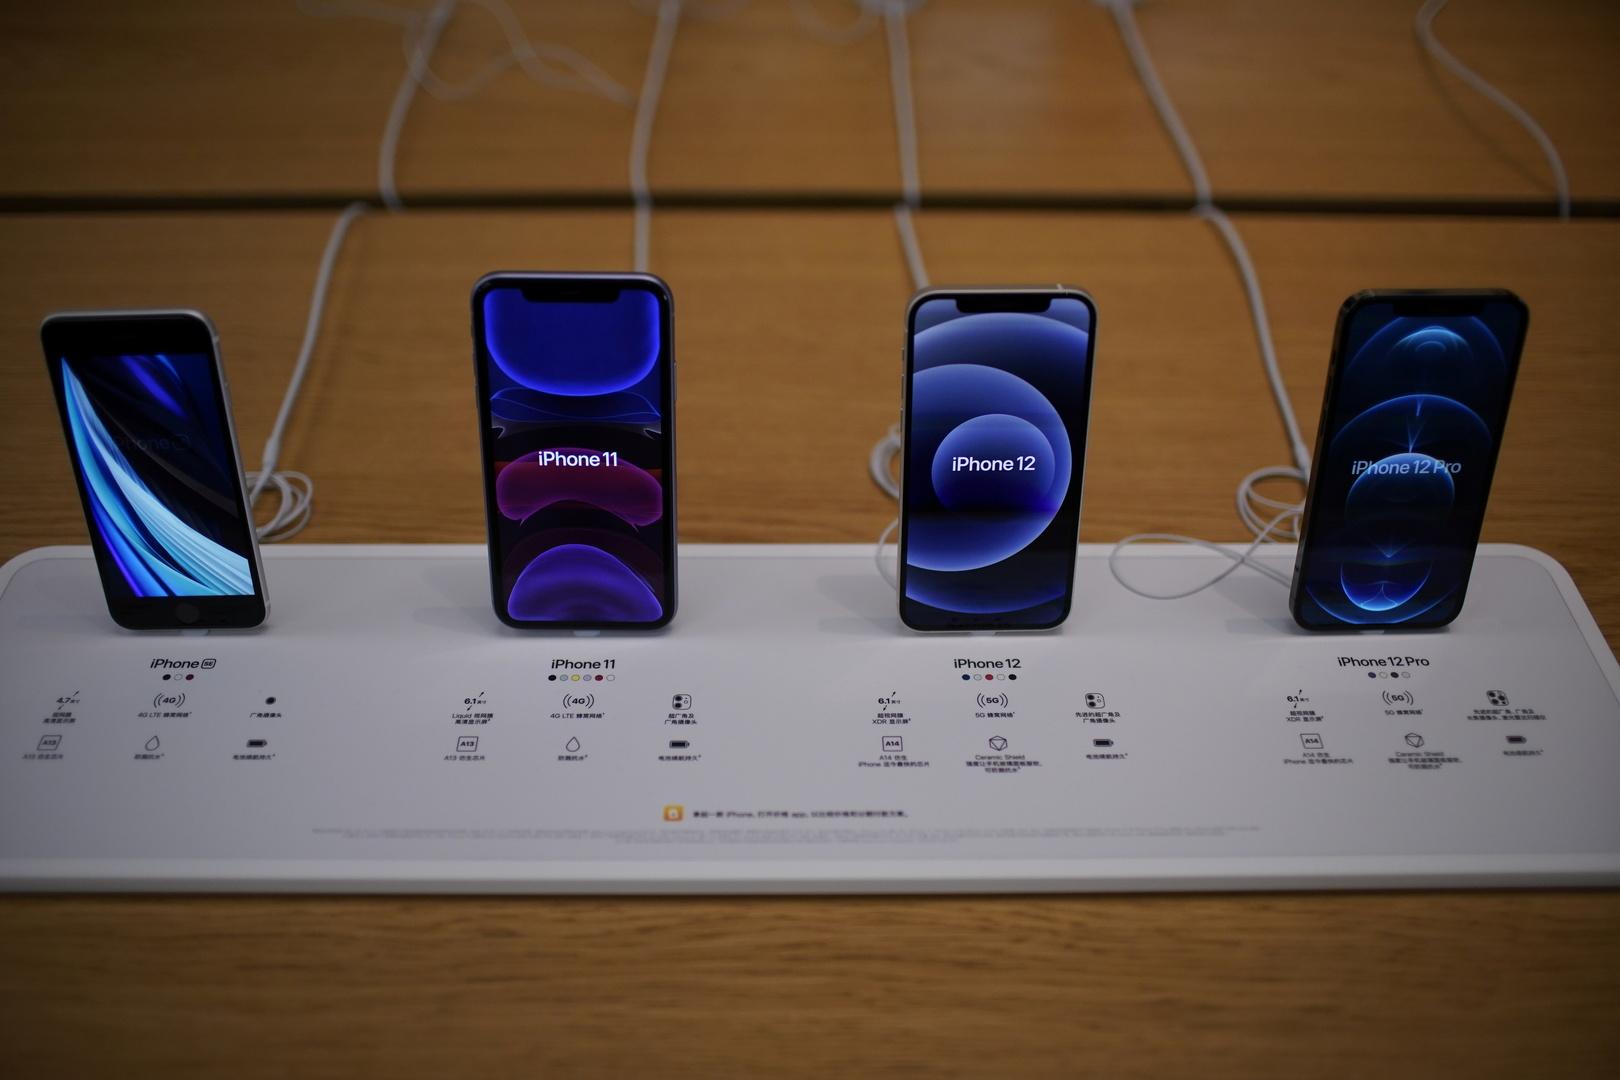 انطلاق مبيعات آيفون 12 الجديد في روسيا